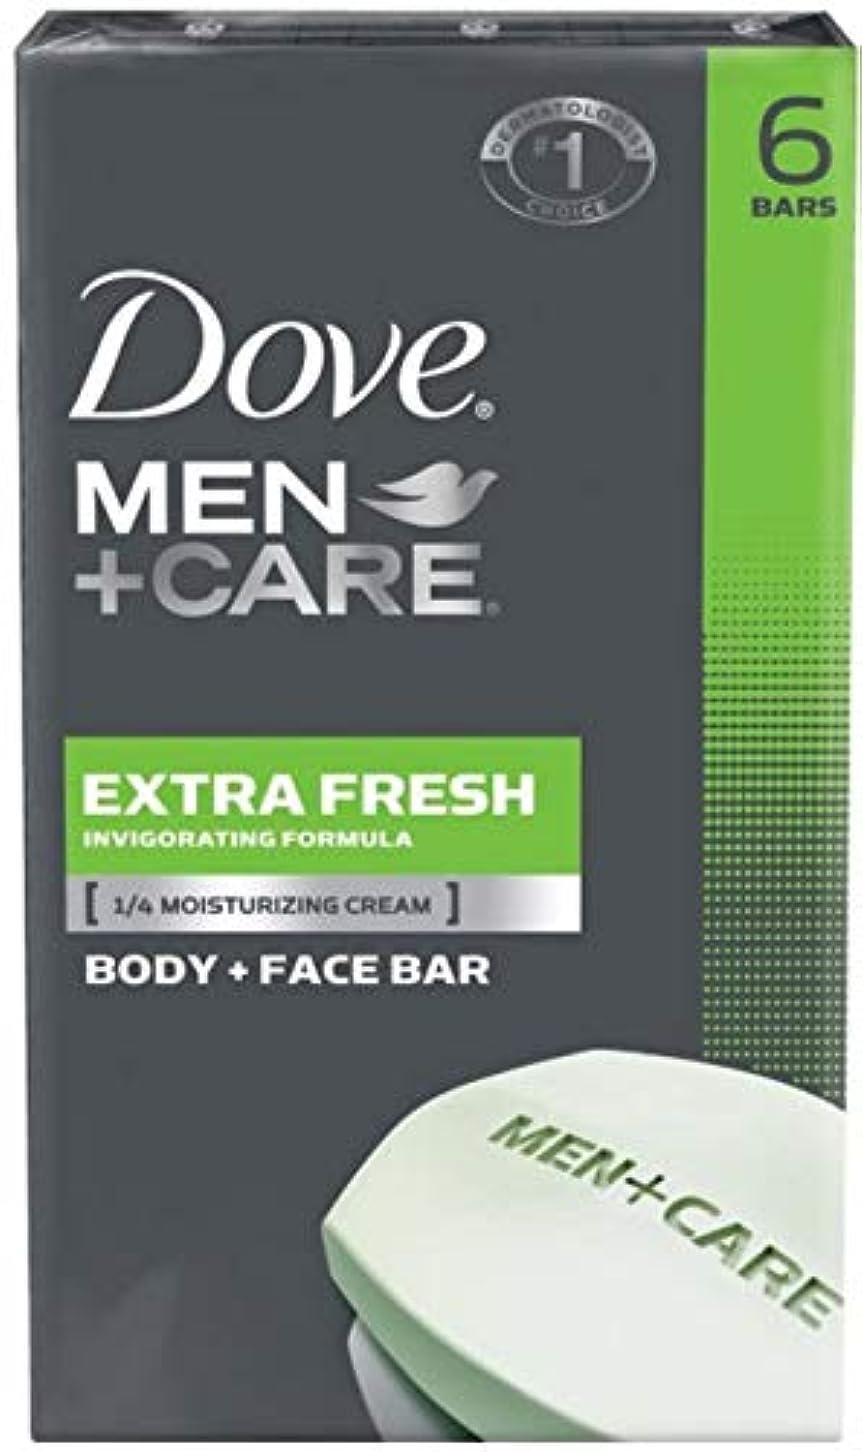 四面体本気コカインDove Men + Care Body and Face Bar, Extra Fresh 4oz x 6soaps ダブ メン プラスケア エクストラフレッシュ 固形石鹸 4oz x 6個パック [海外直送品]